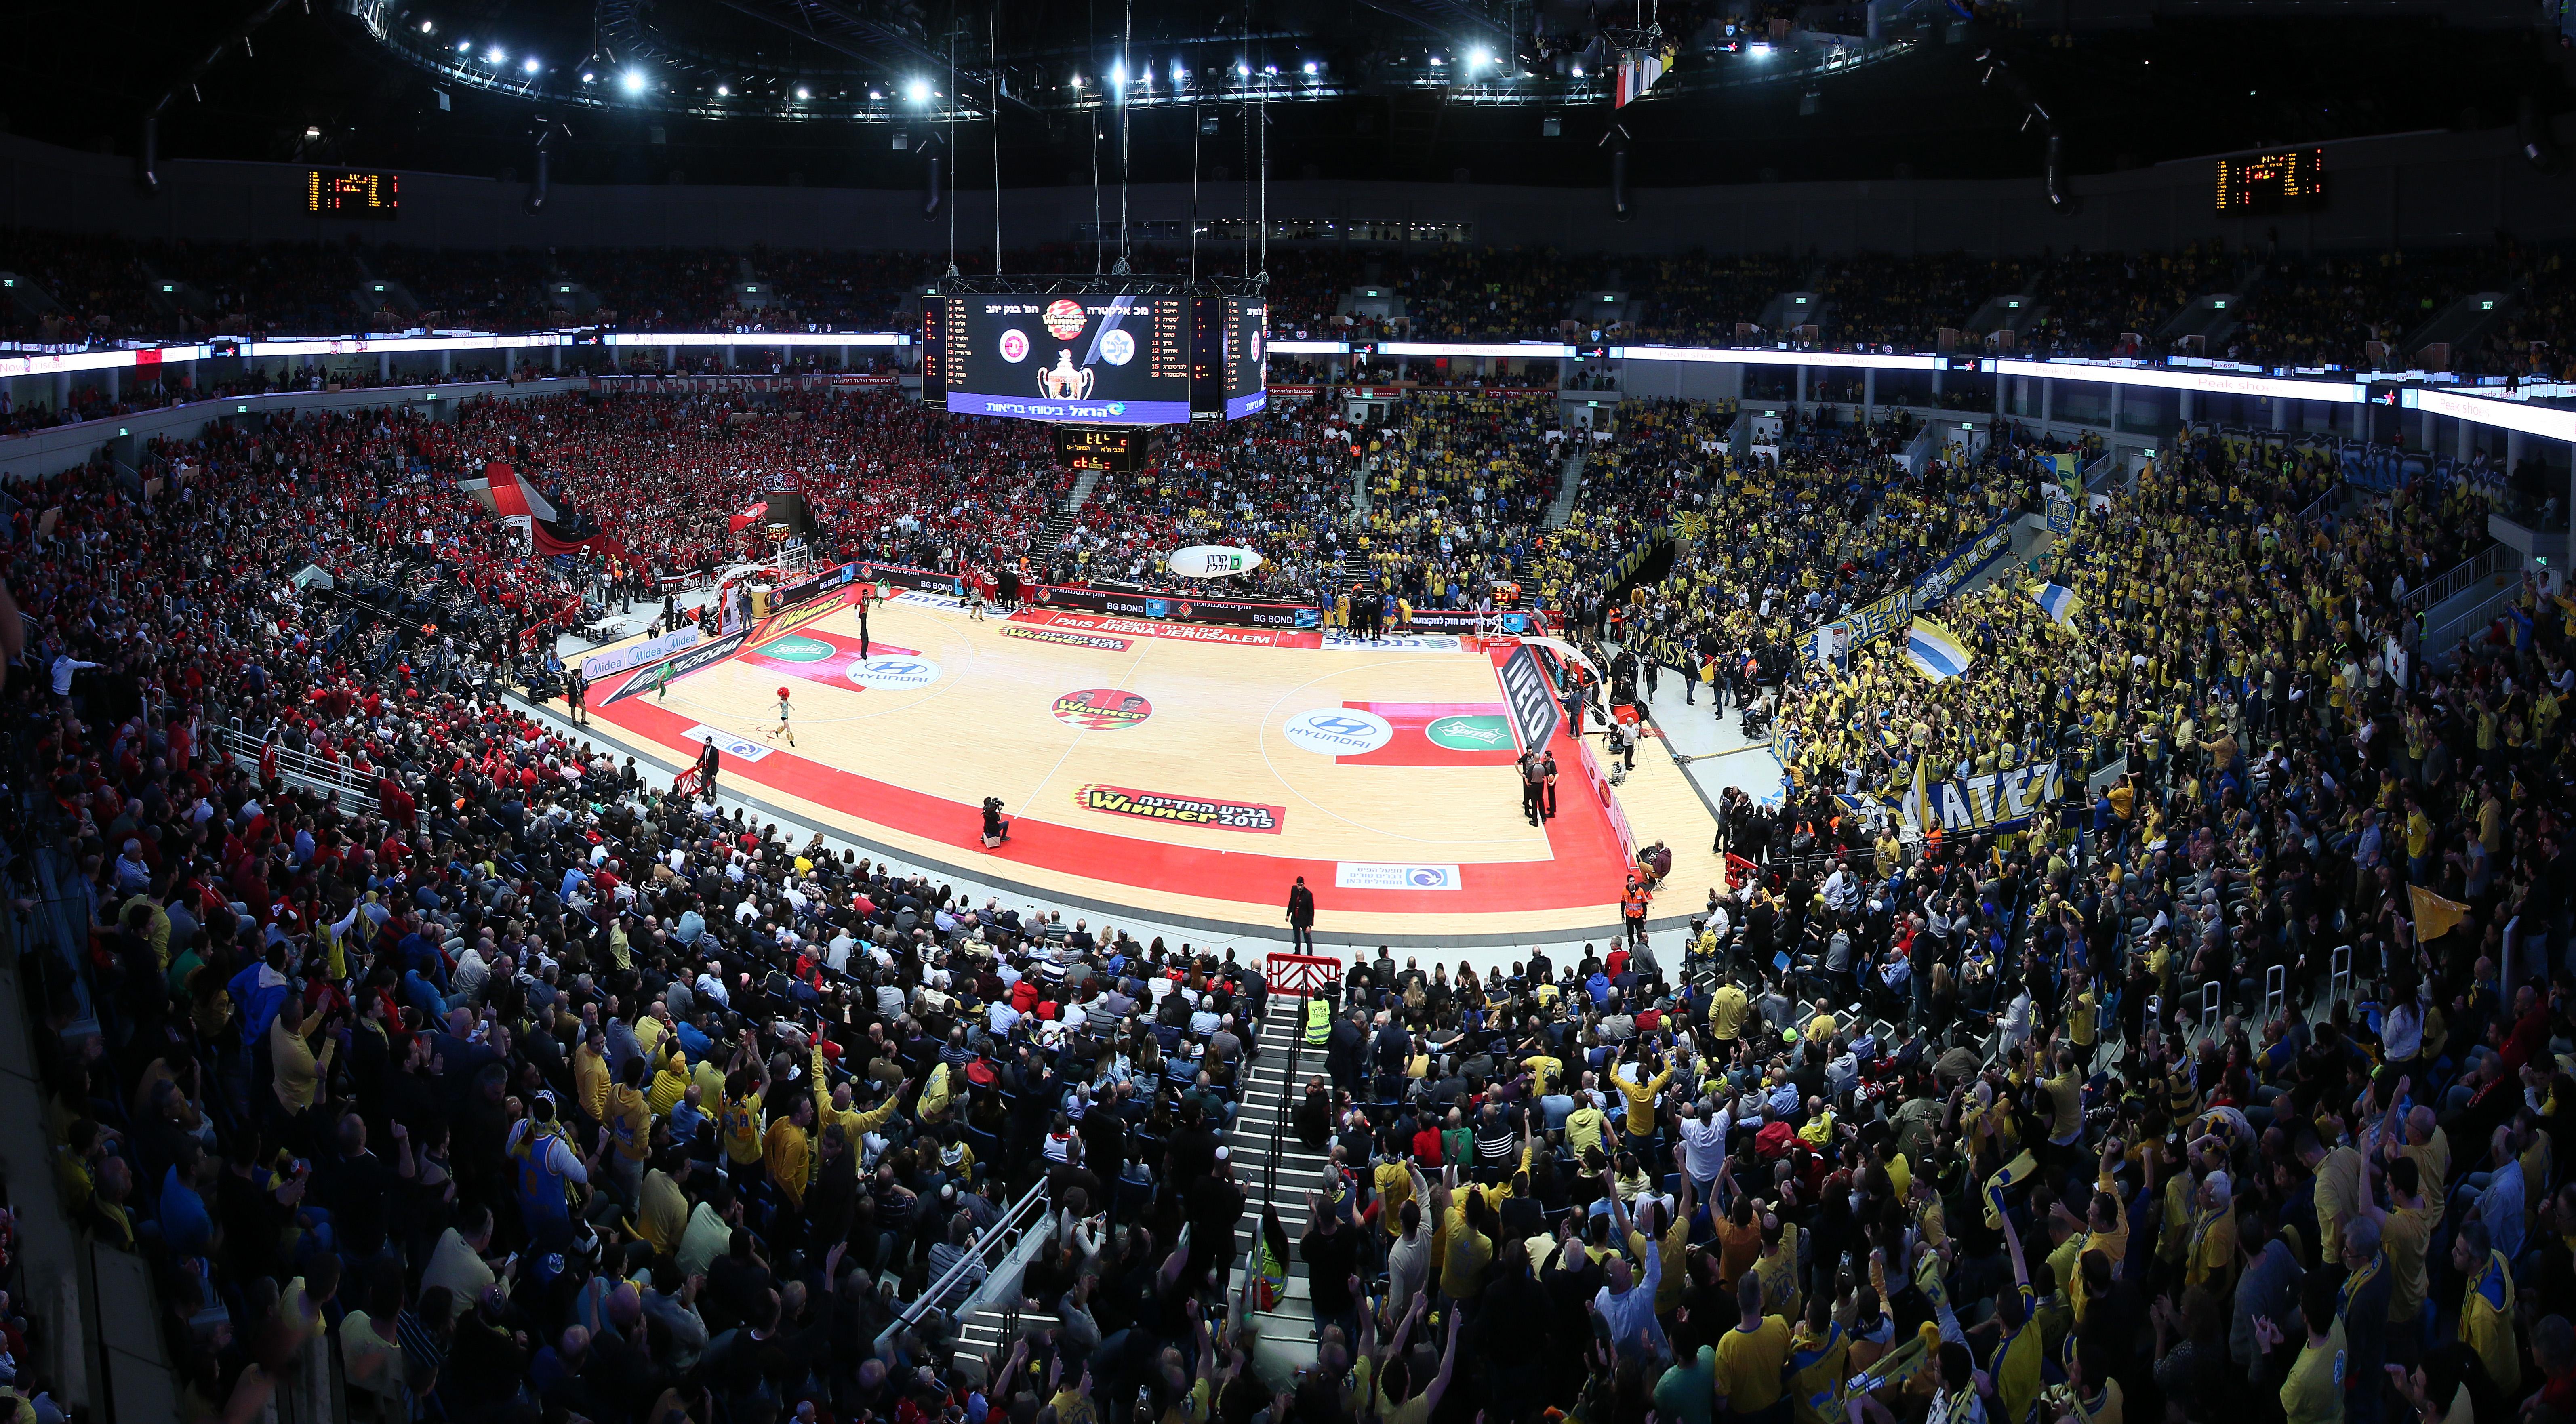 5 ממשחקי הסיבוב הראשון של גביע המדינה ישודרו בשידור ישיר בערוץ הספורט